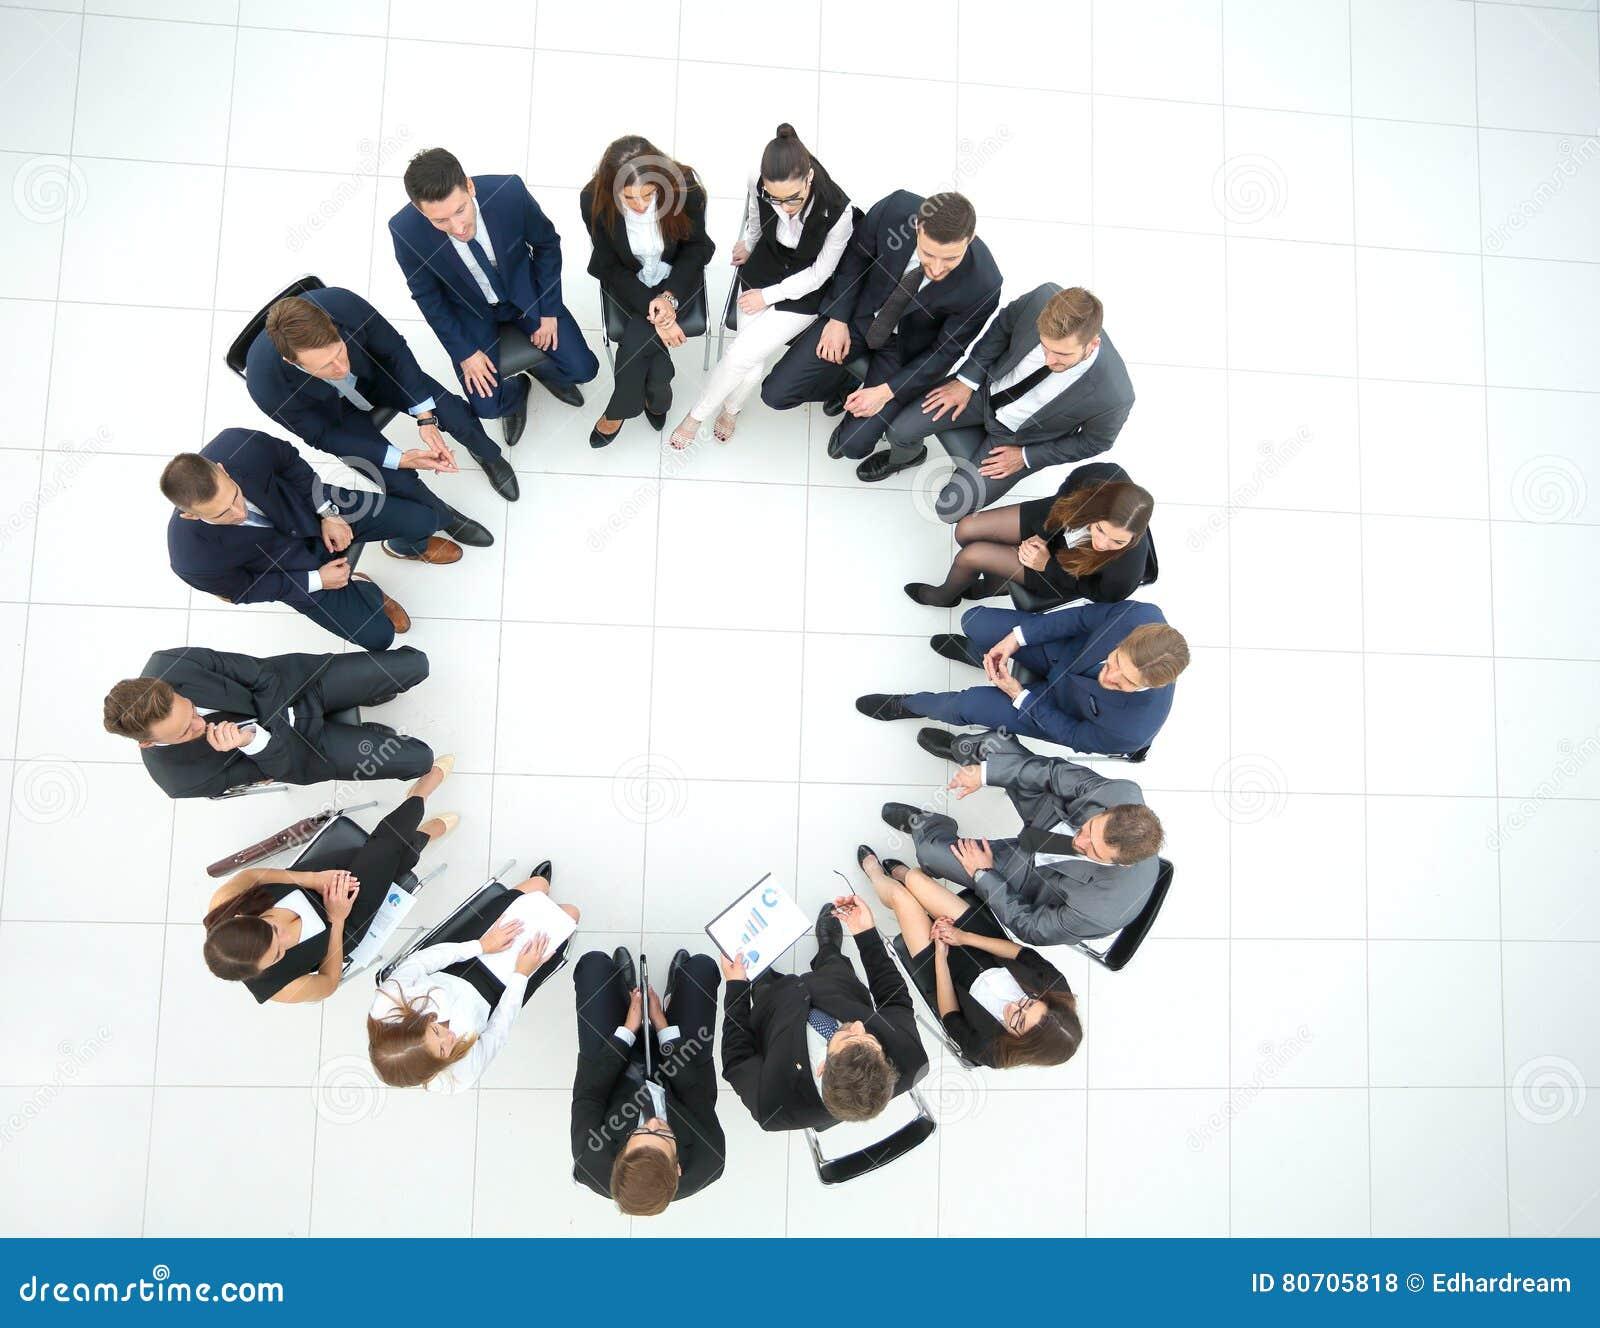 Planeamiento de entrenamiento de la conferencia que aprende concepto del negocio que entrena